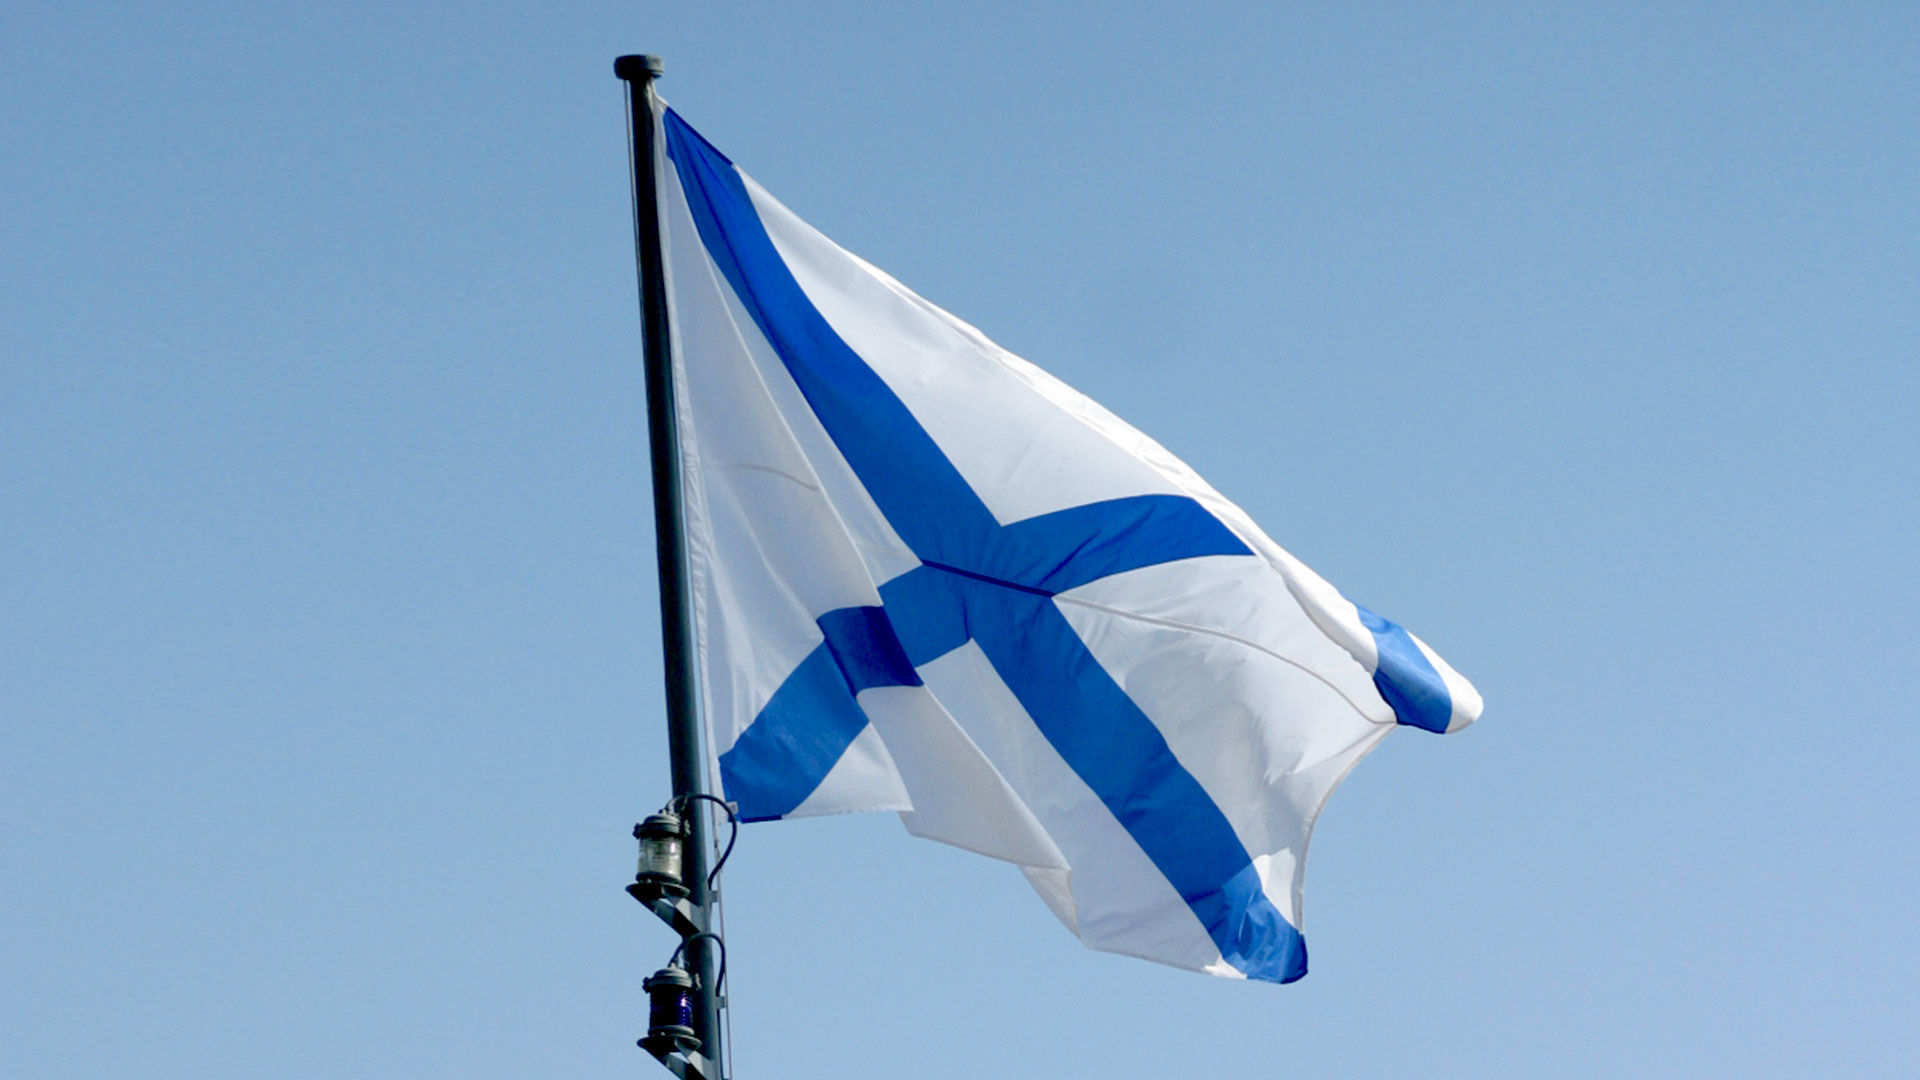 Фото рында и флаг вмф